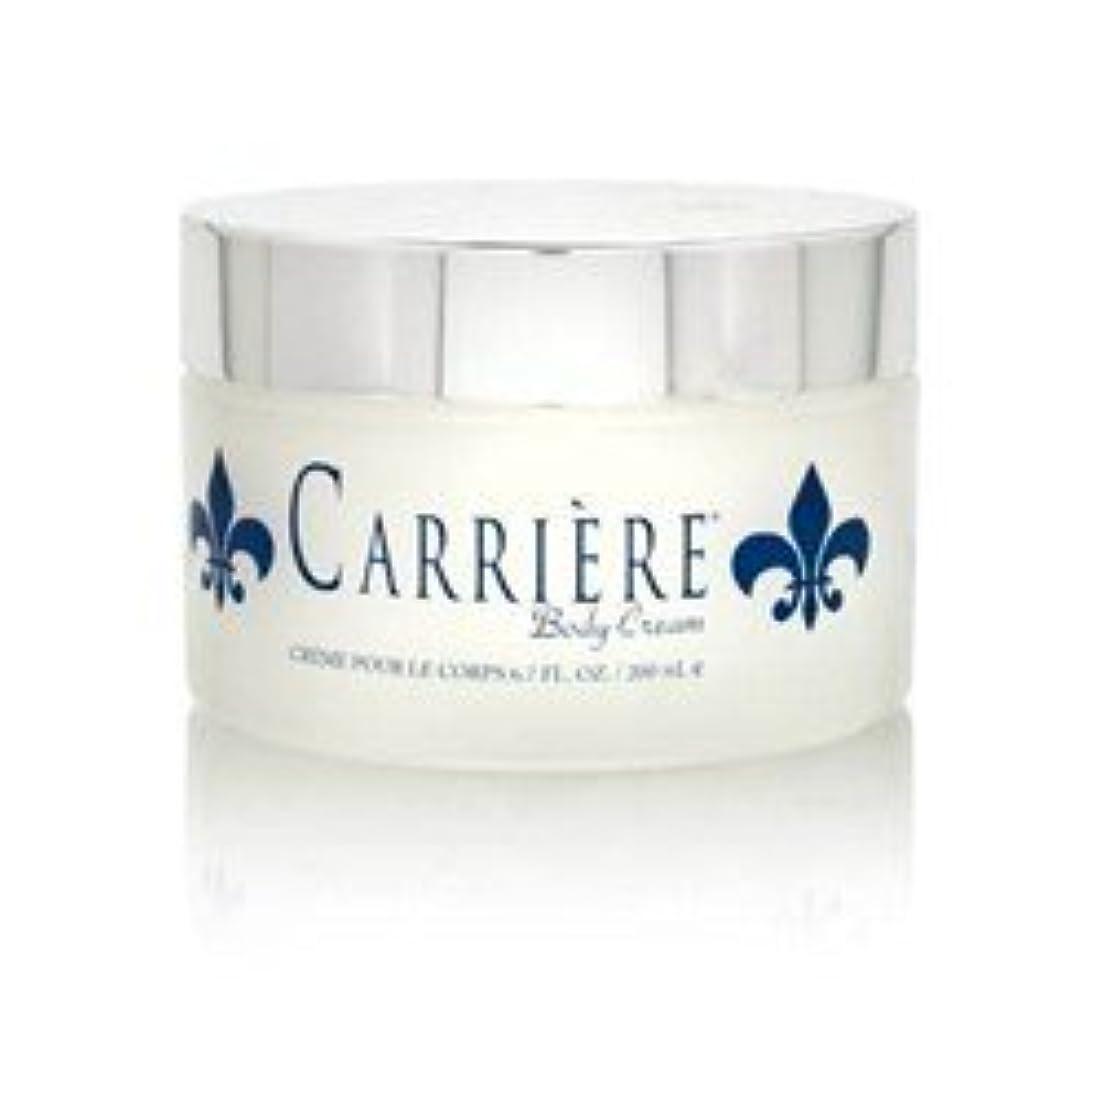 屋内でしたい行くCarriere (キャリアー)  6.7 oz (200ml) Perfumed Body Cream (ボディークリーム) by Gendarme for Women